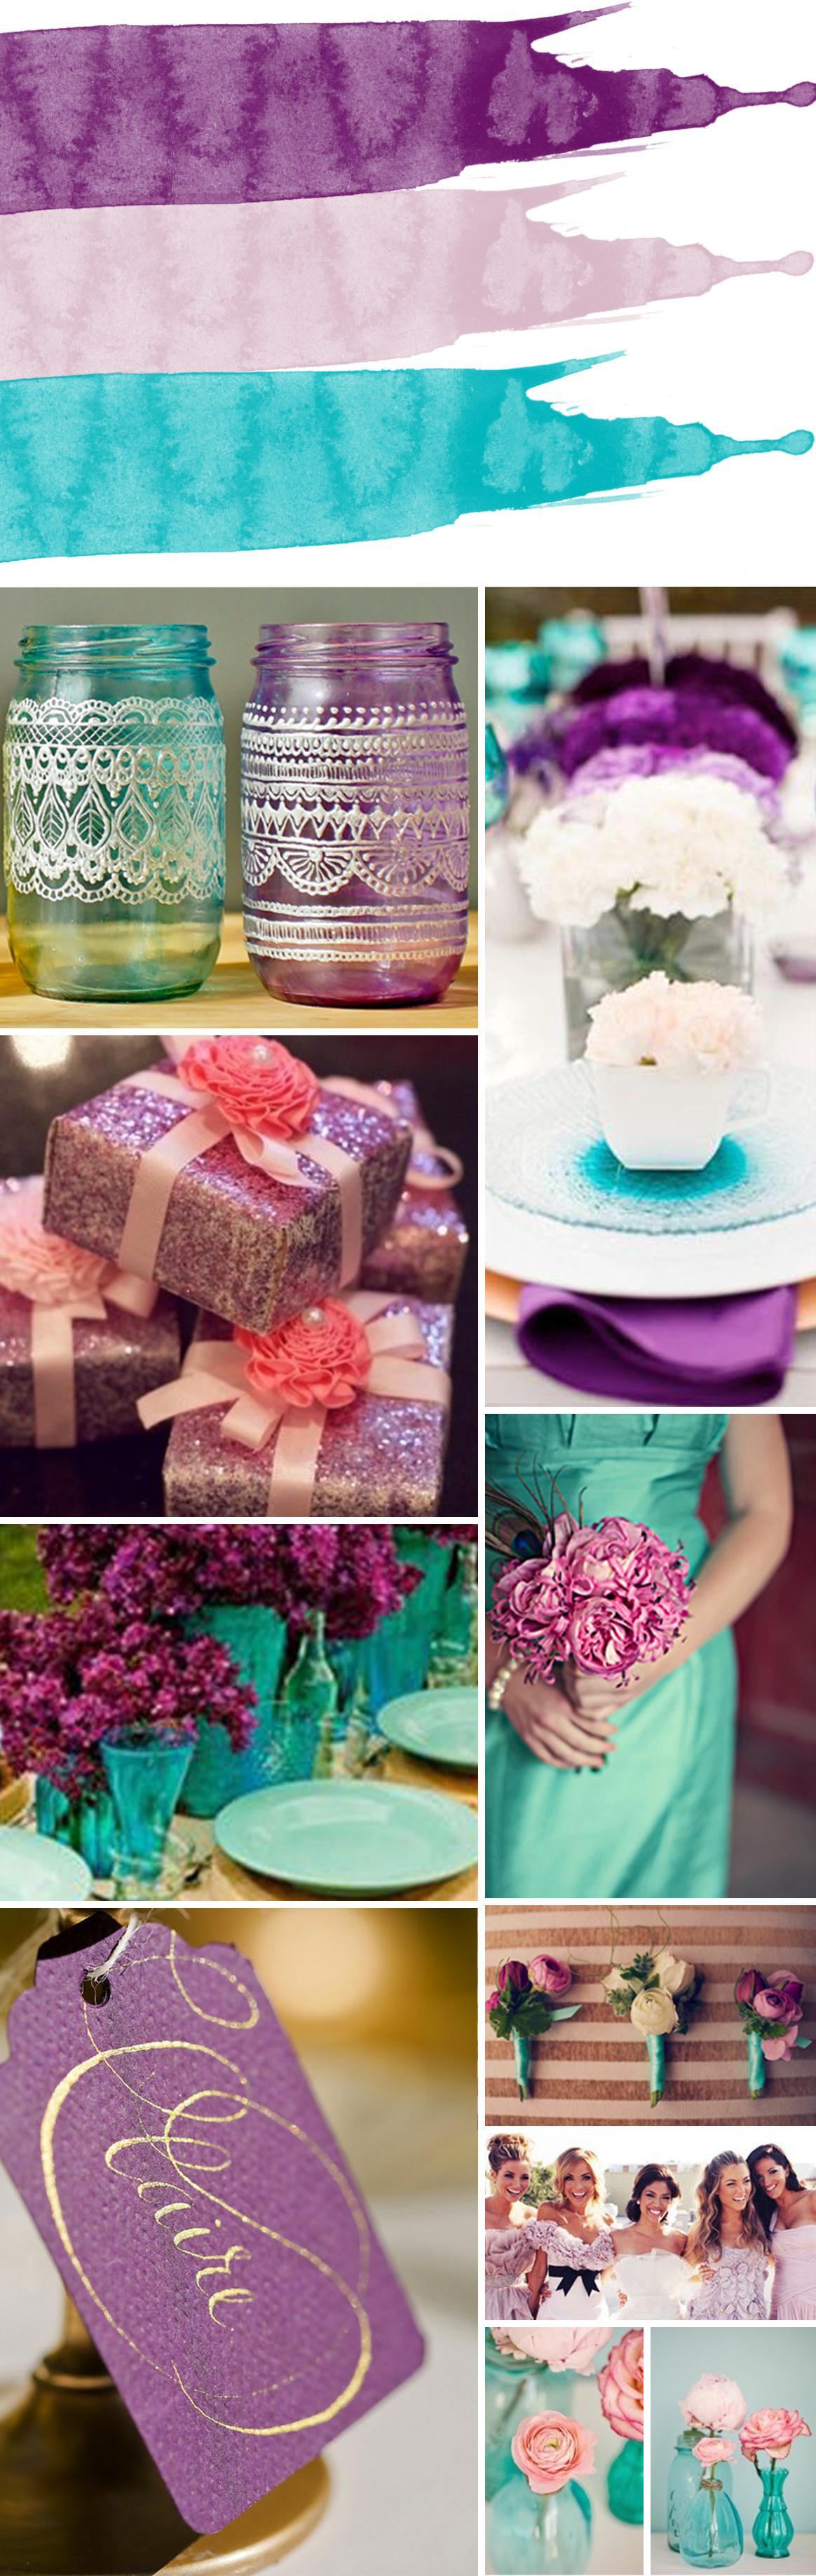 Turquoise, Mauve and Purple Color Palette